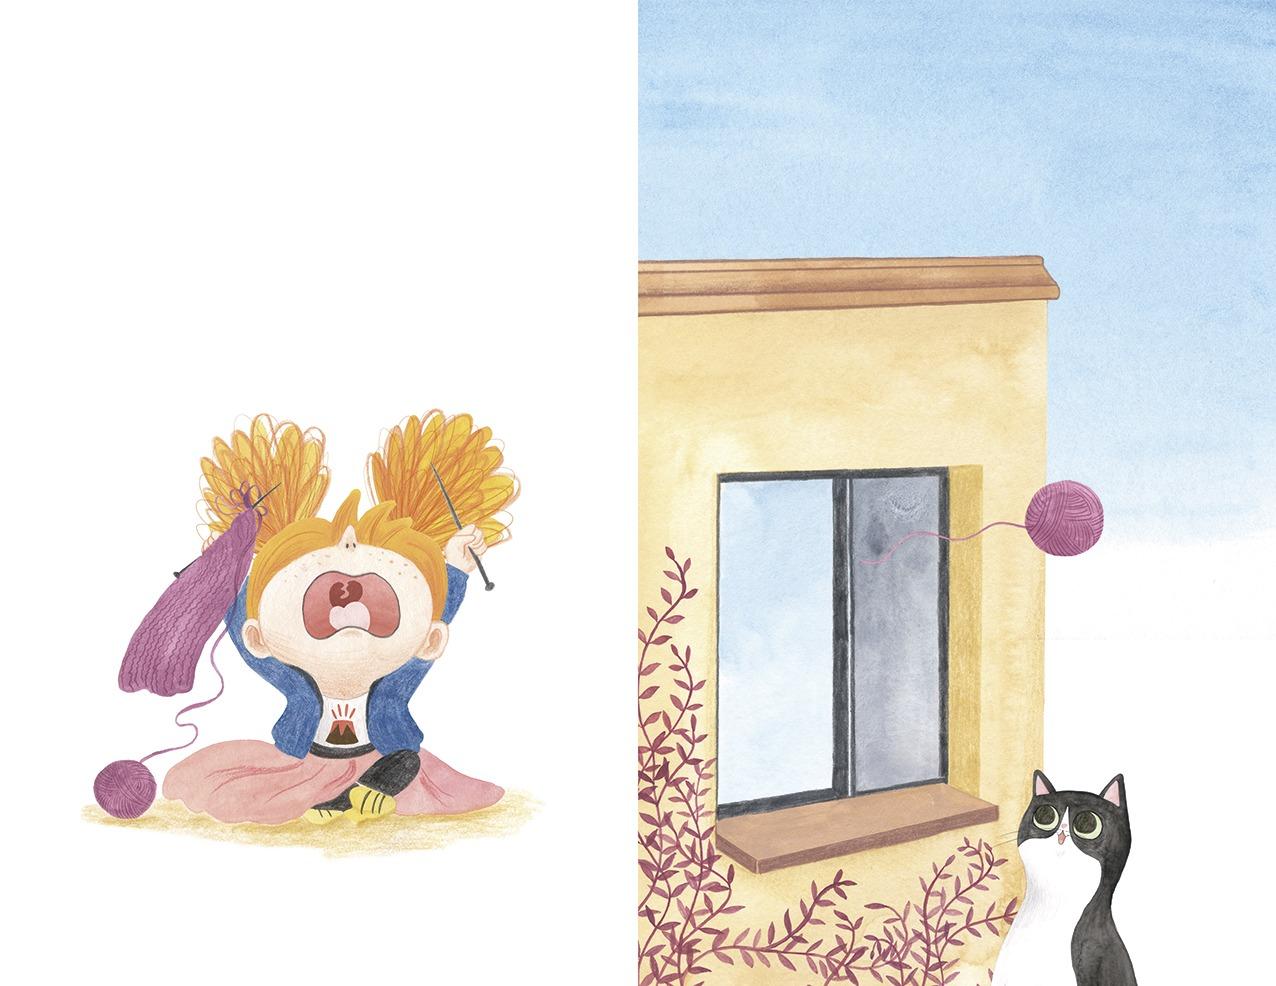 Ana está furiosa, ilustración infantil, ilustración para niños, niña enfadada, Christine Nöstlinger, Mar Villar, El Barco de Vapor, SM, ilustración de niña y gato, ilustración de niña enfadada,